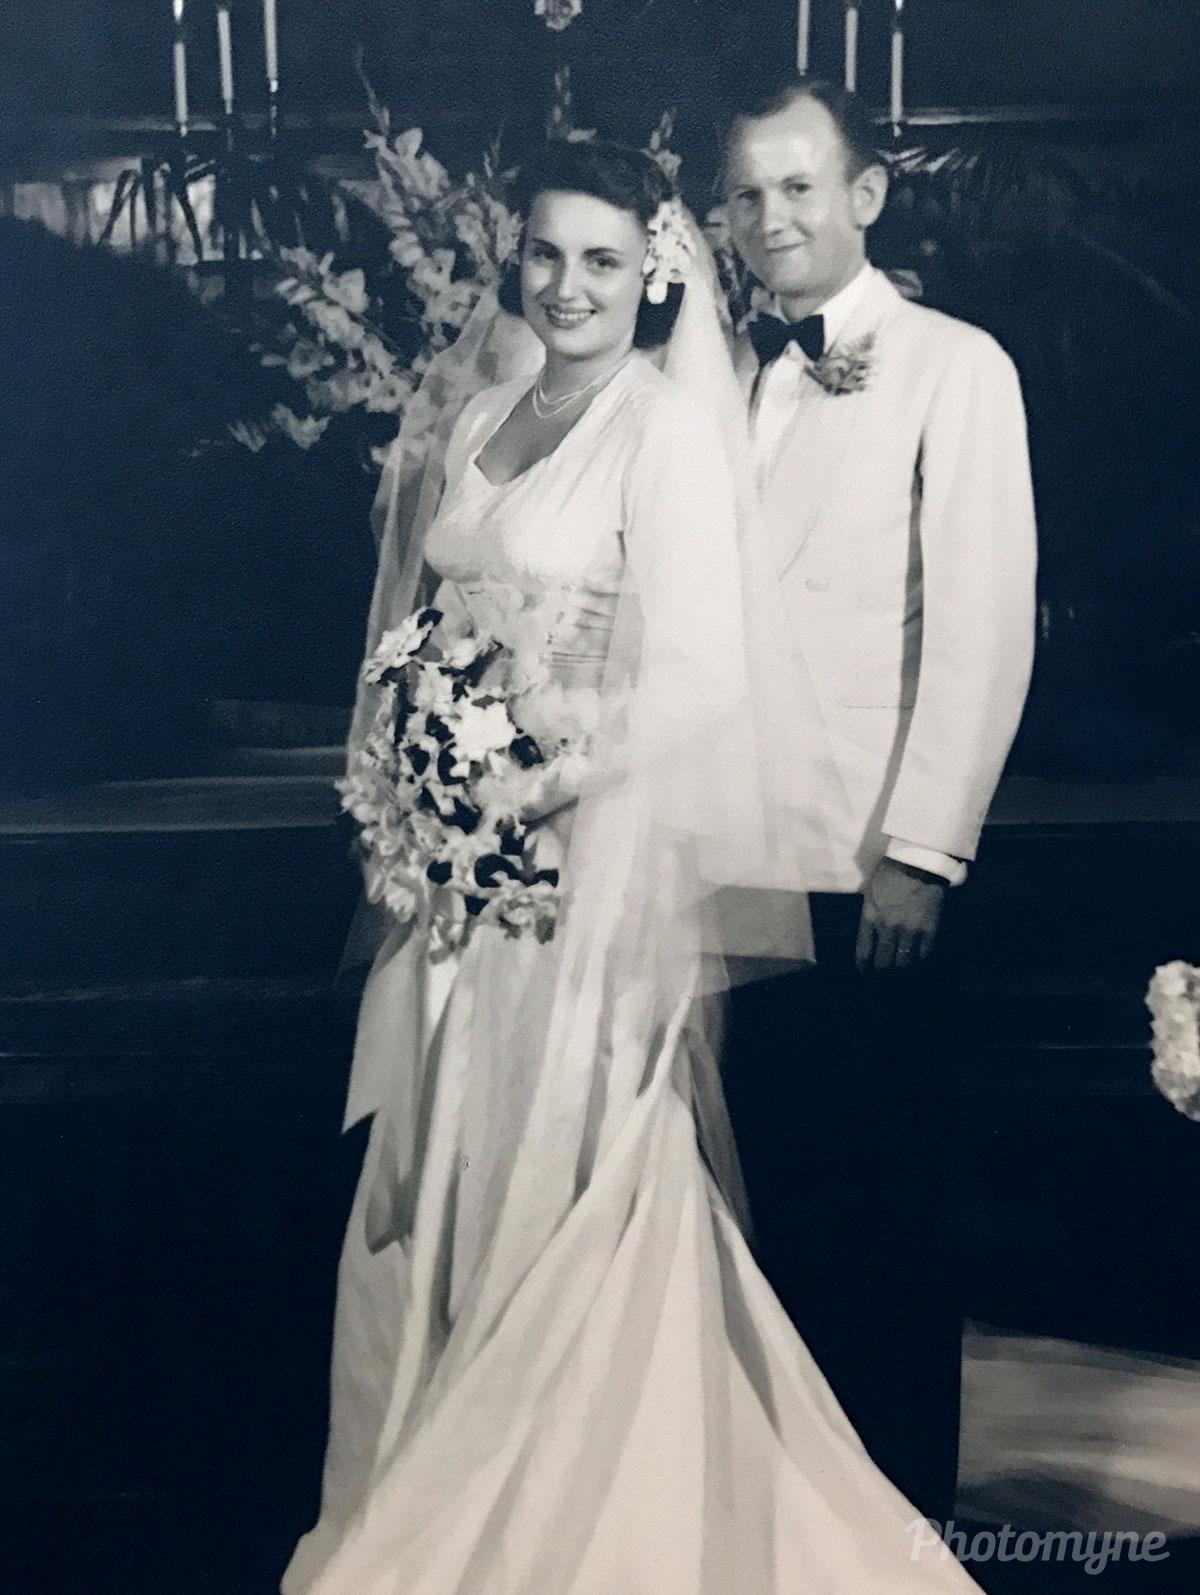 My folks on their wedding day, US, 1946